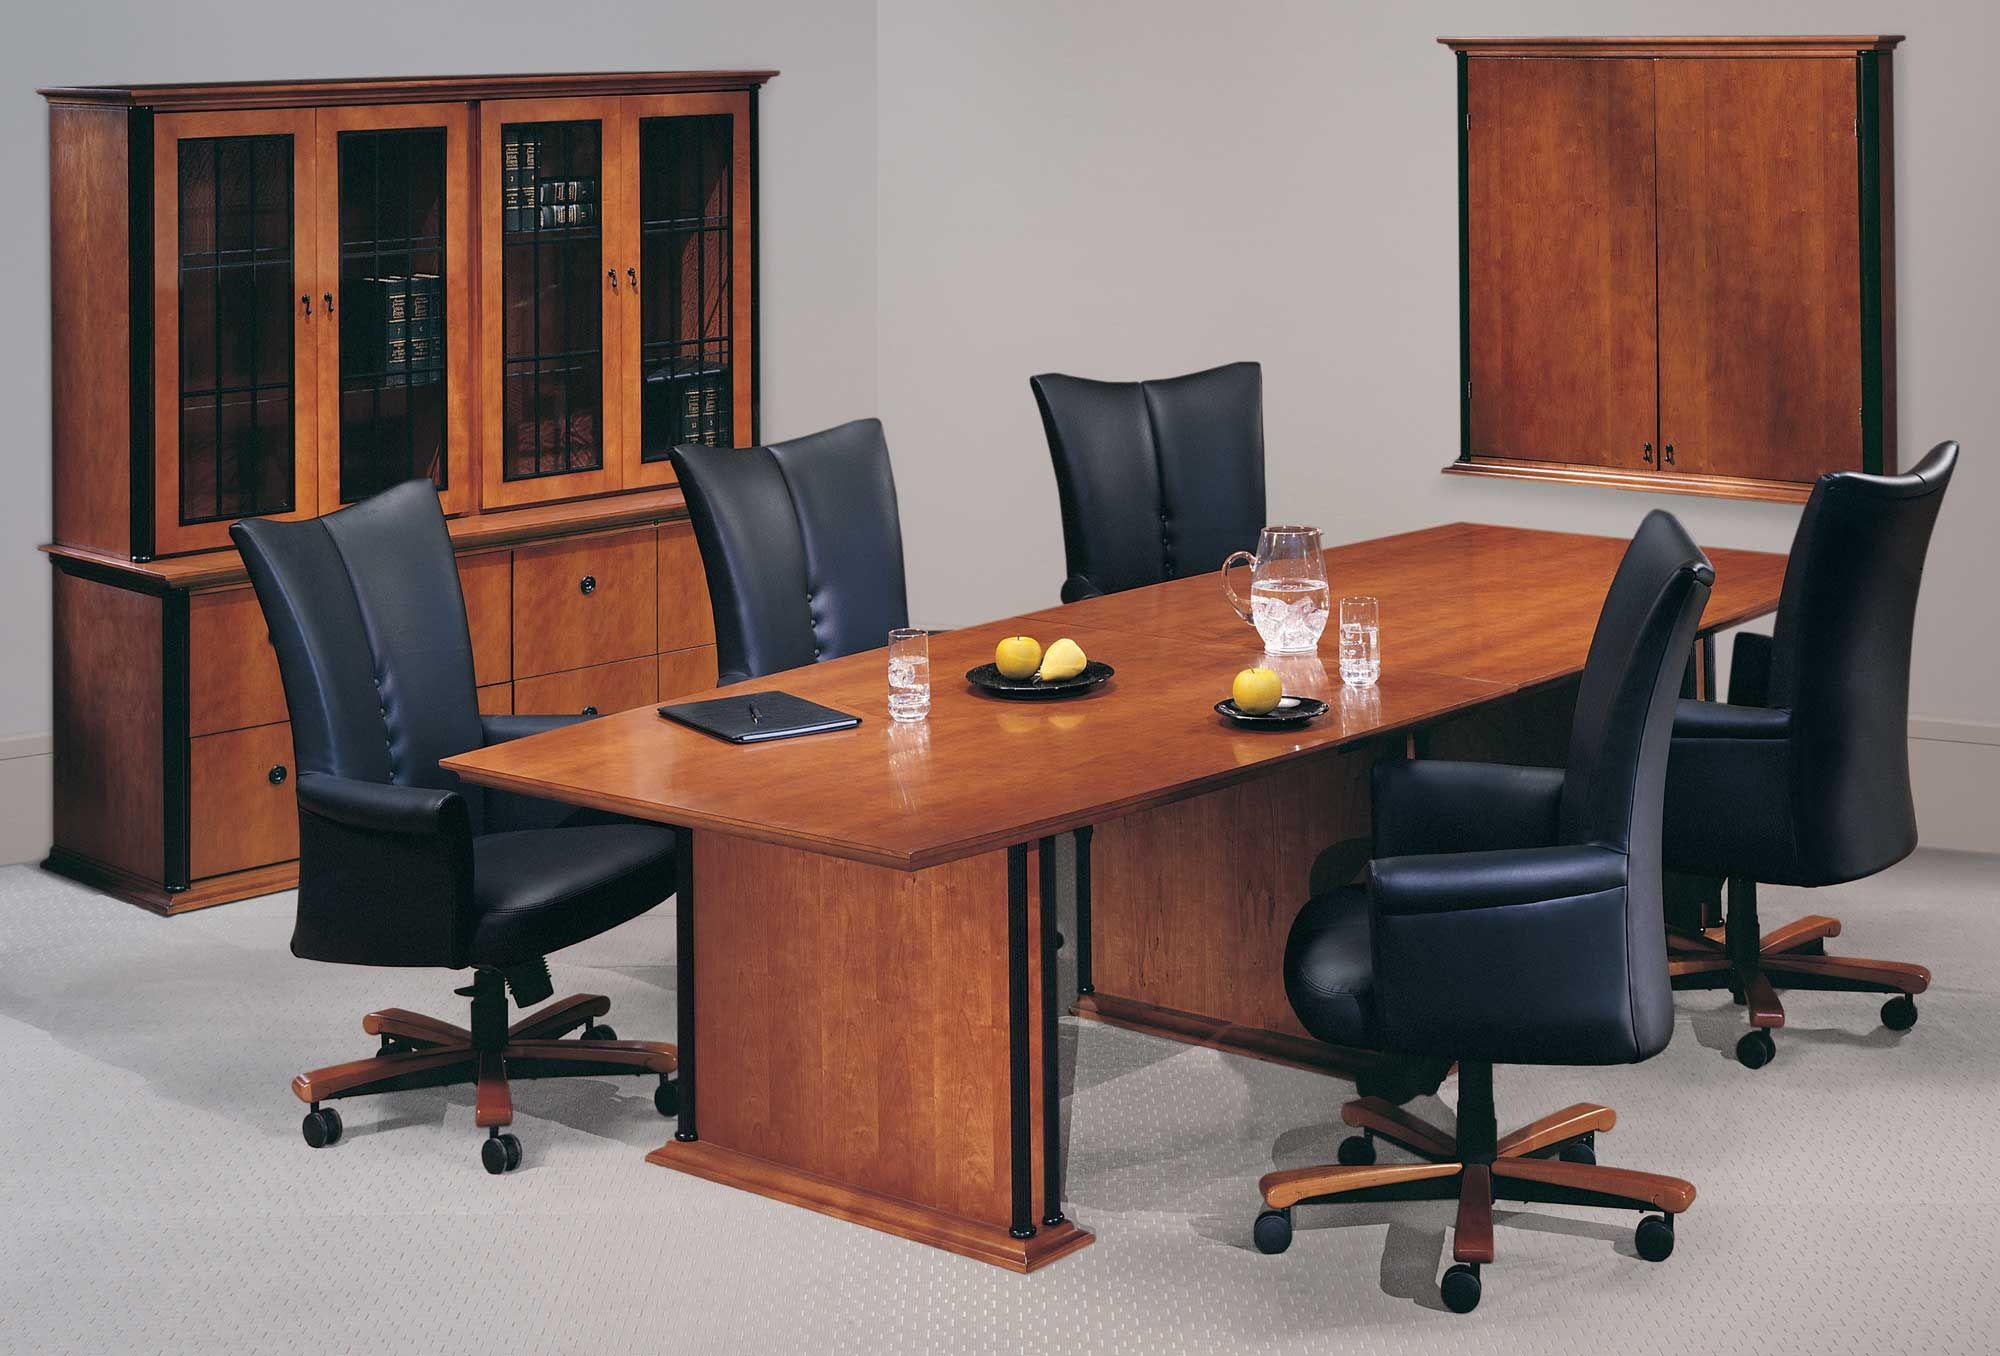 Corona Used Executive Office Furniture Home Office Furniture